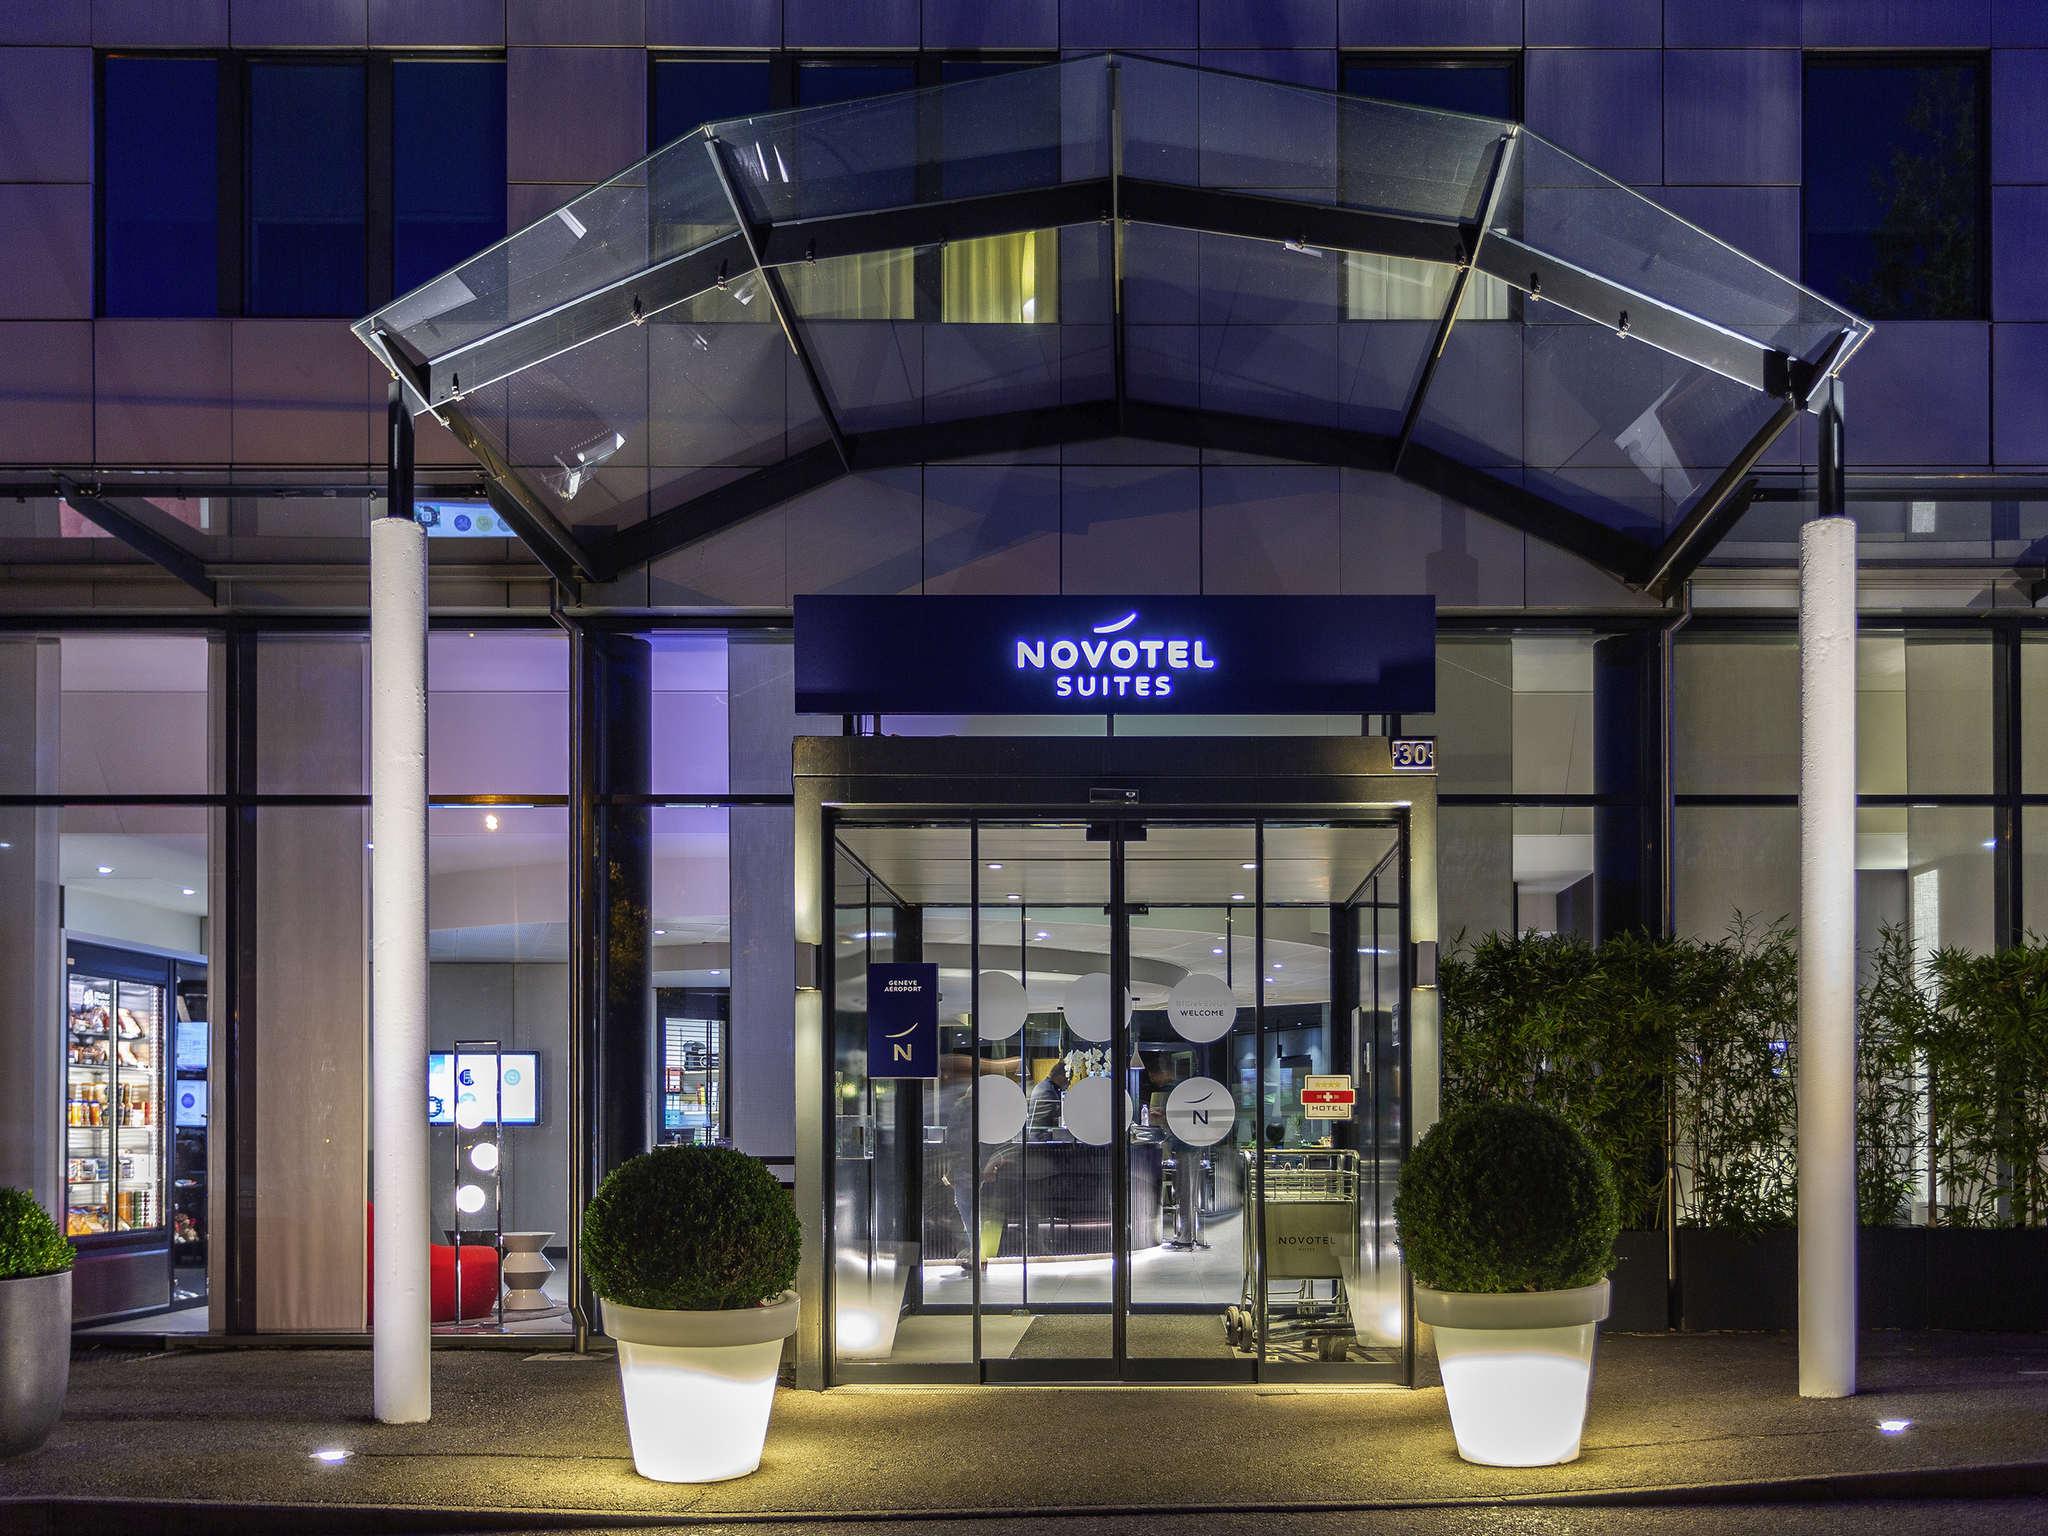 酒店 – 日内瓦机场诺富特套房酒店